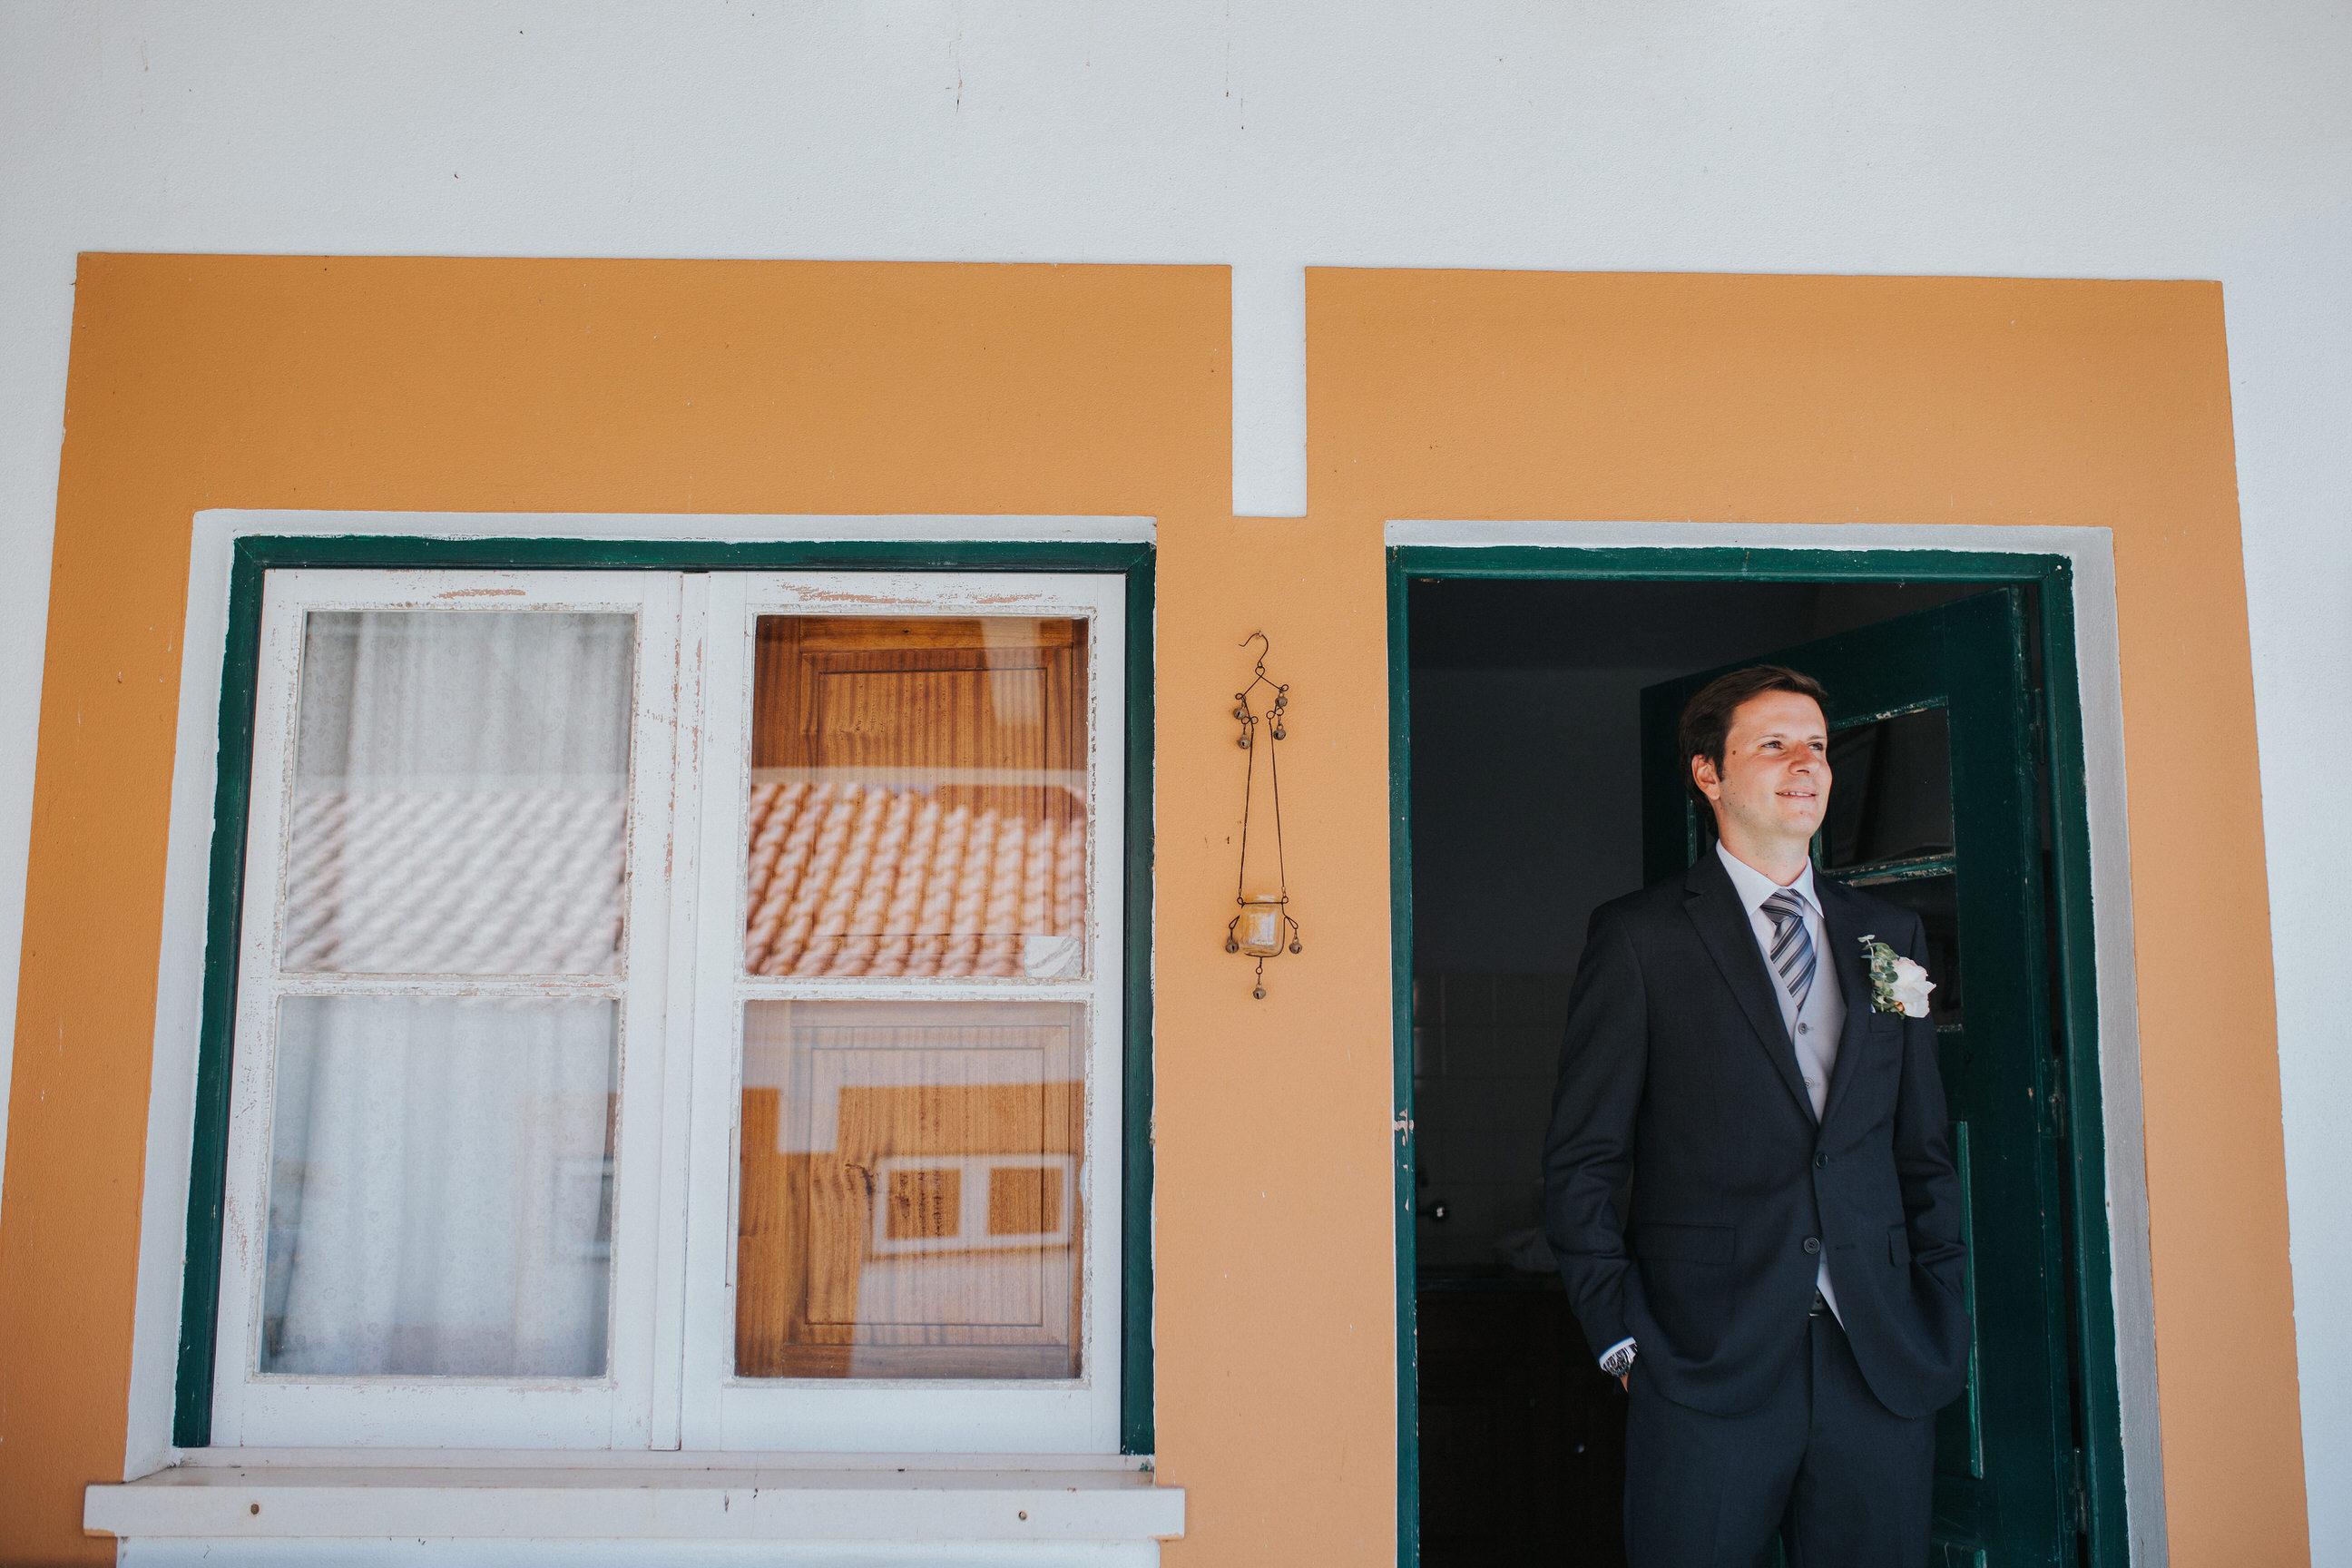 Casamento-Rústico-Bucelas-Quinta-da-Murta-boho-chic-vestidos-dress-venue-Portugal-wedding-preparativos-noivo-antes-do-casamento-dicas